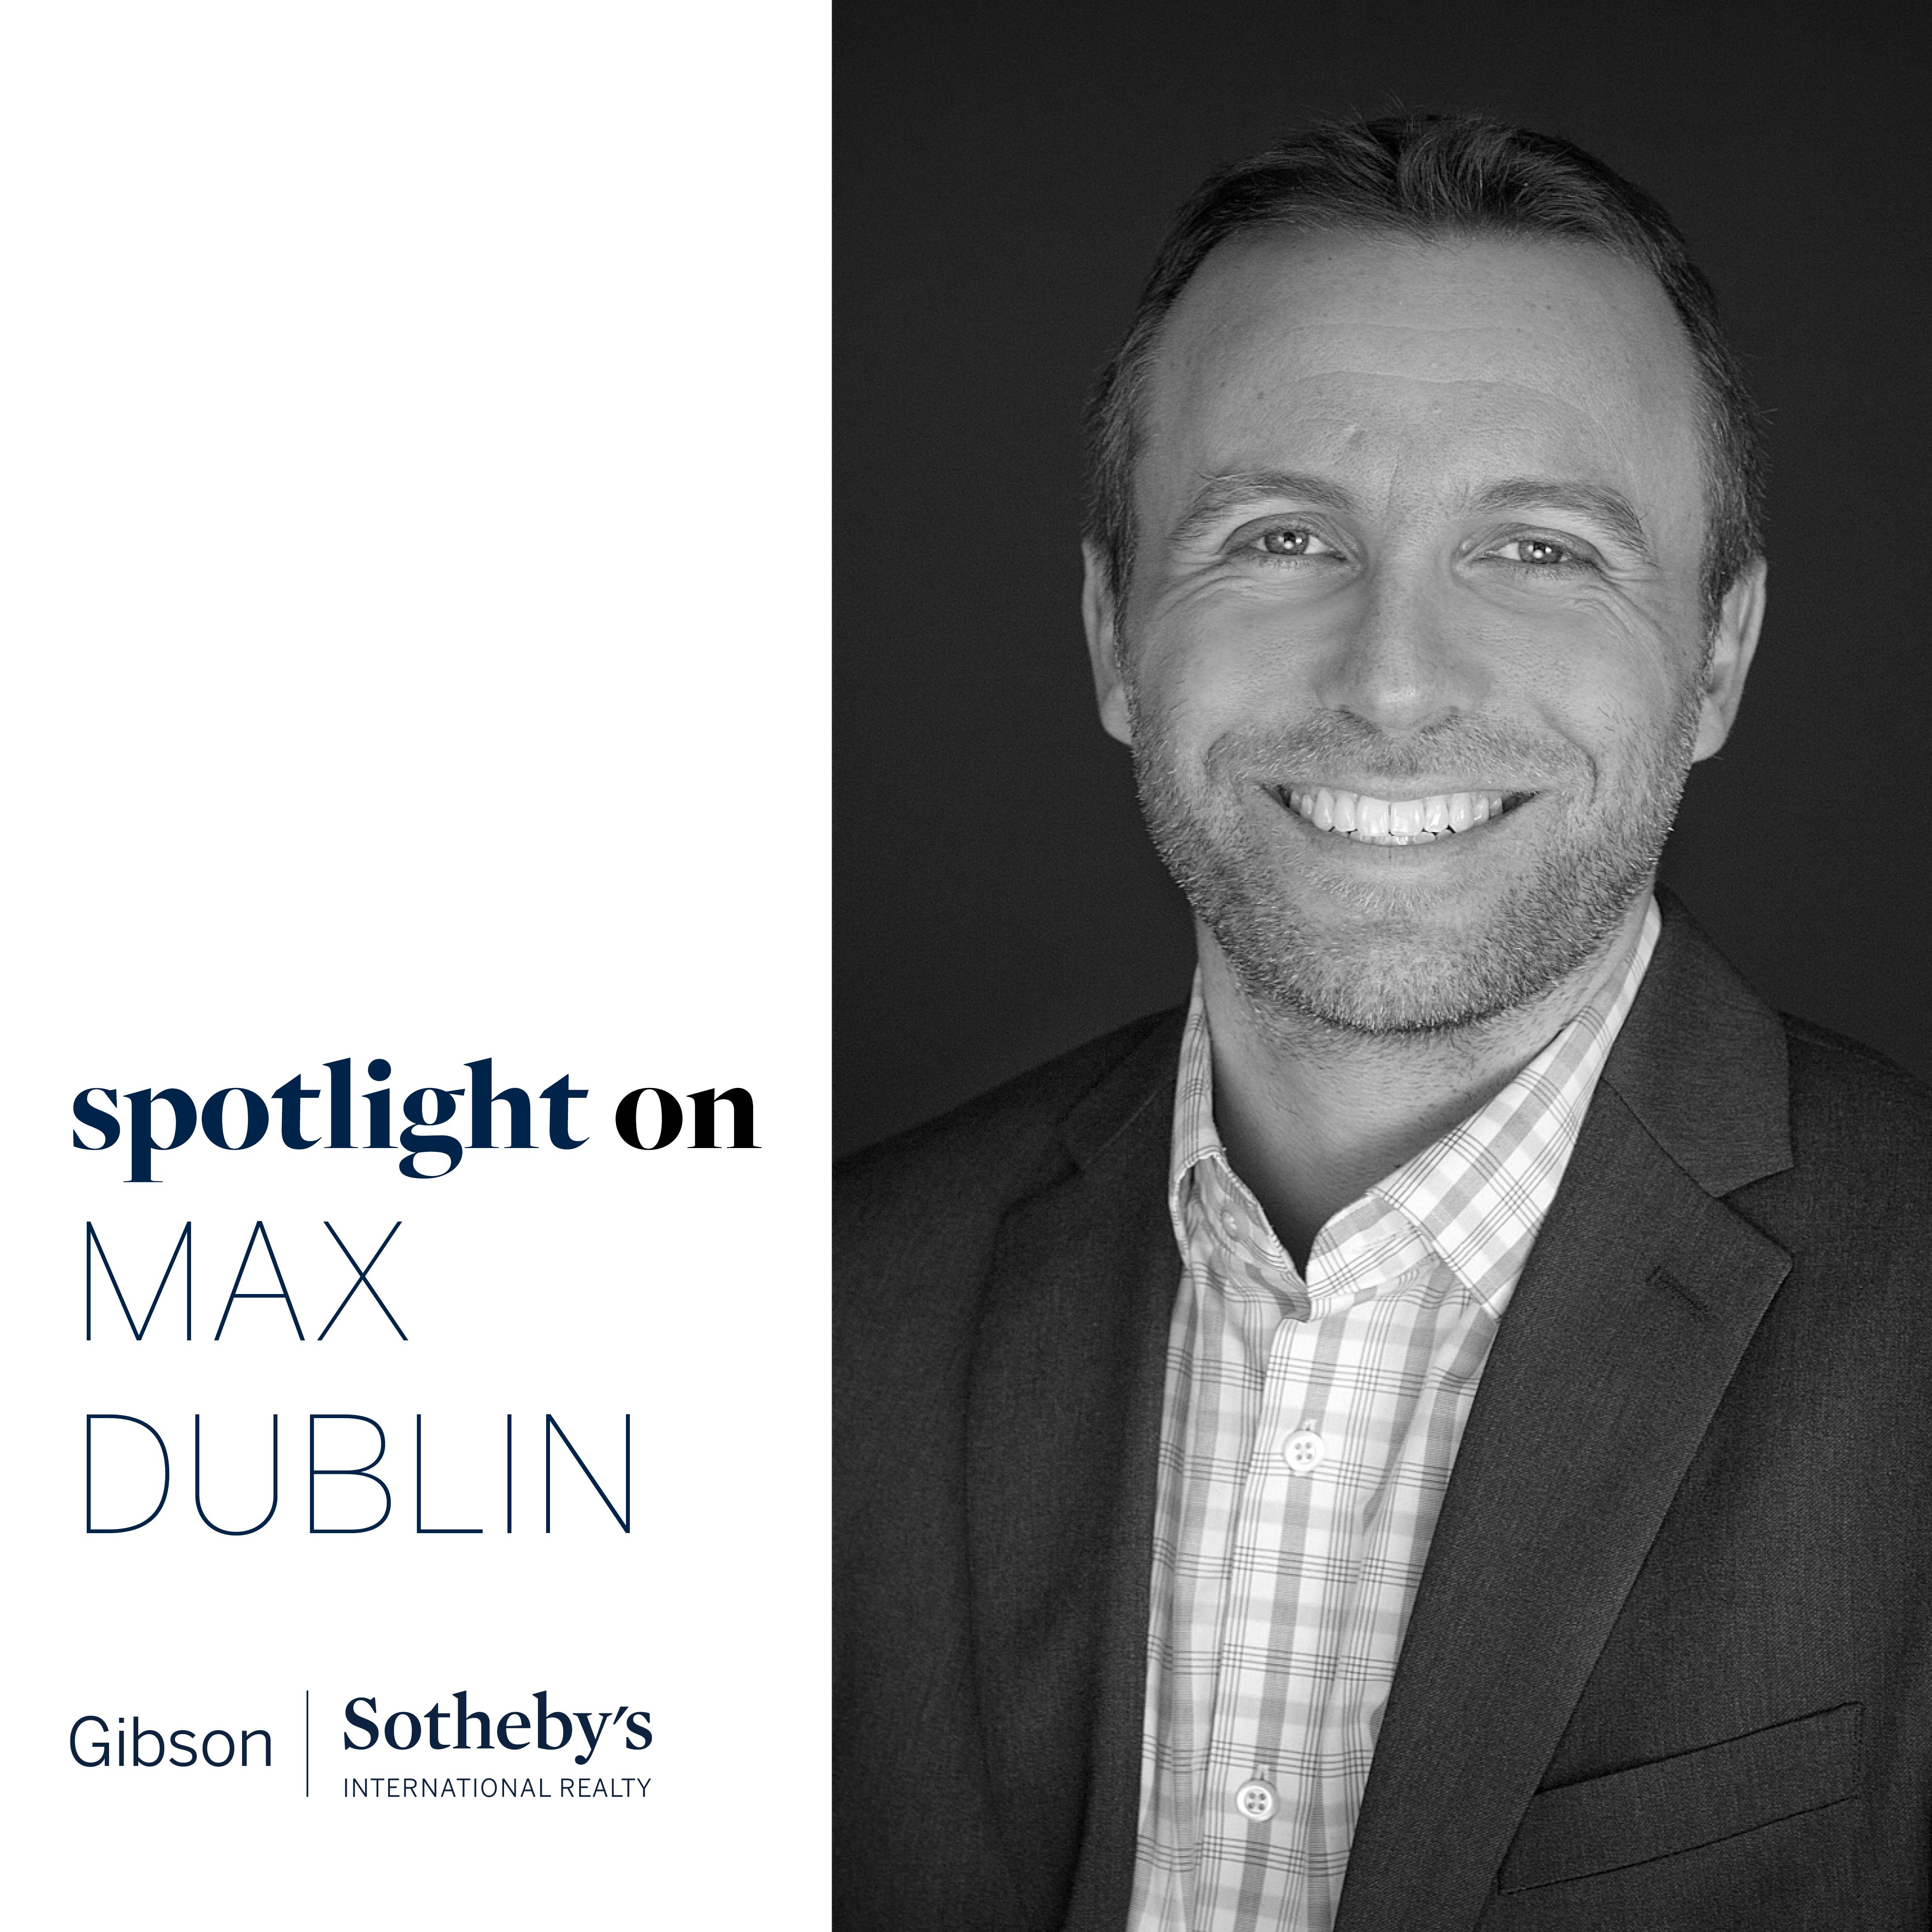 Max Dublin_Agent Spotlight_Social Media Graphic_July 2019